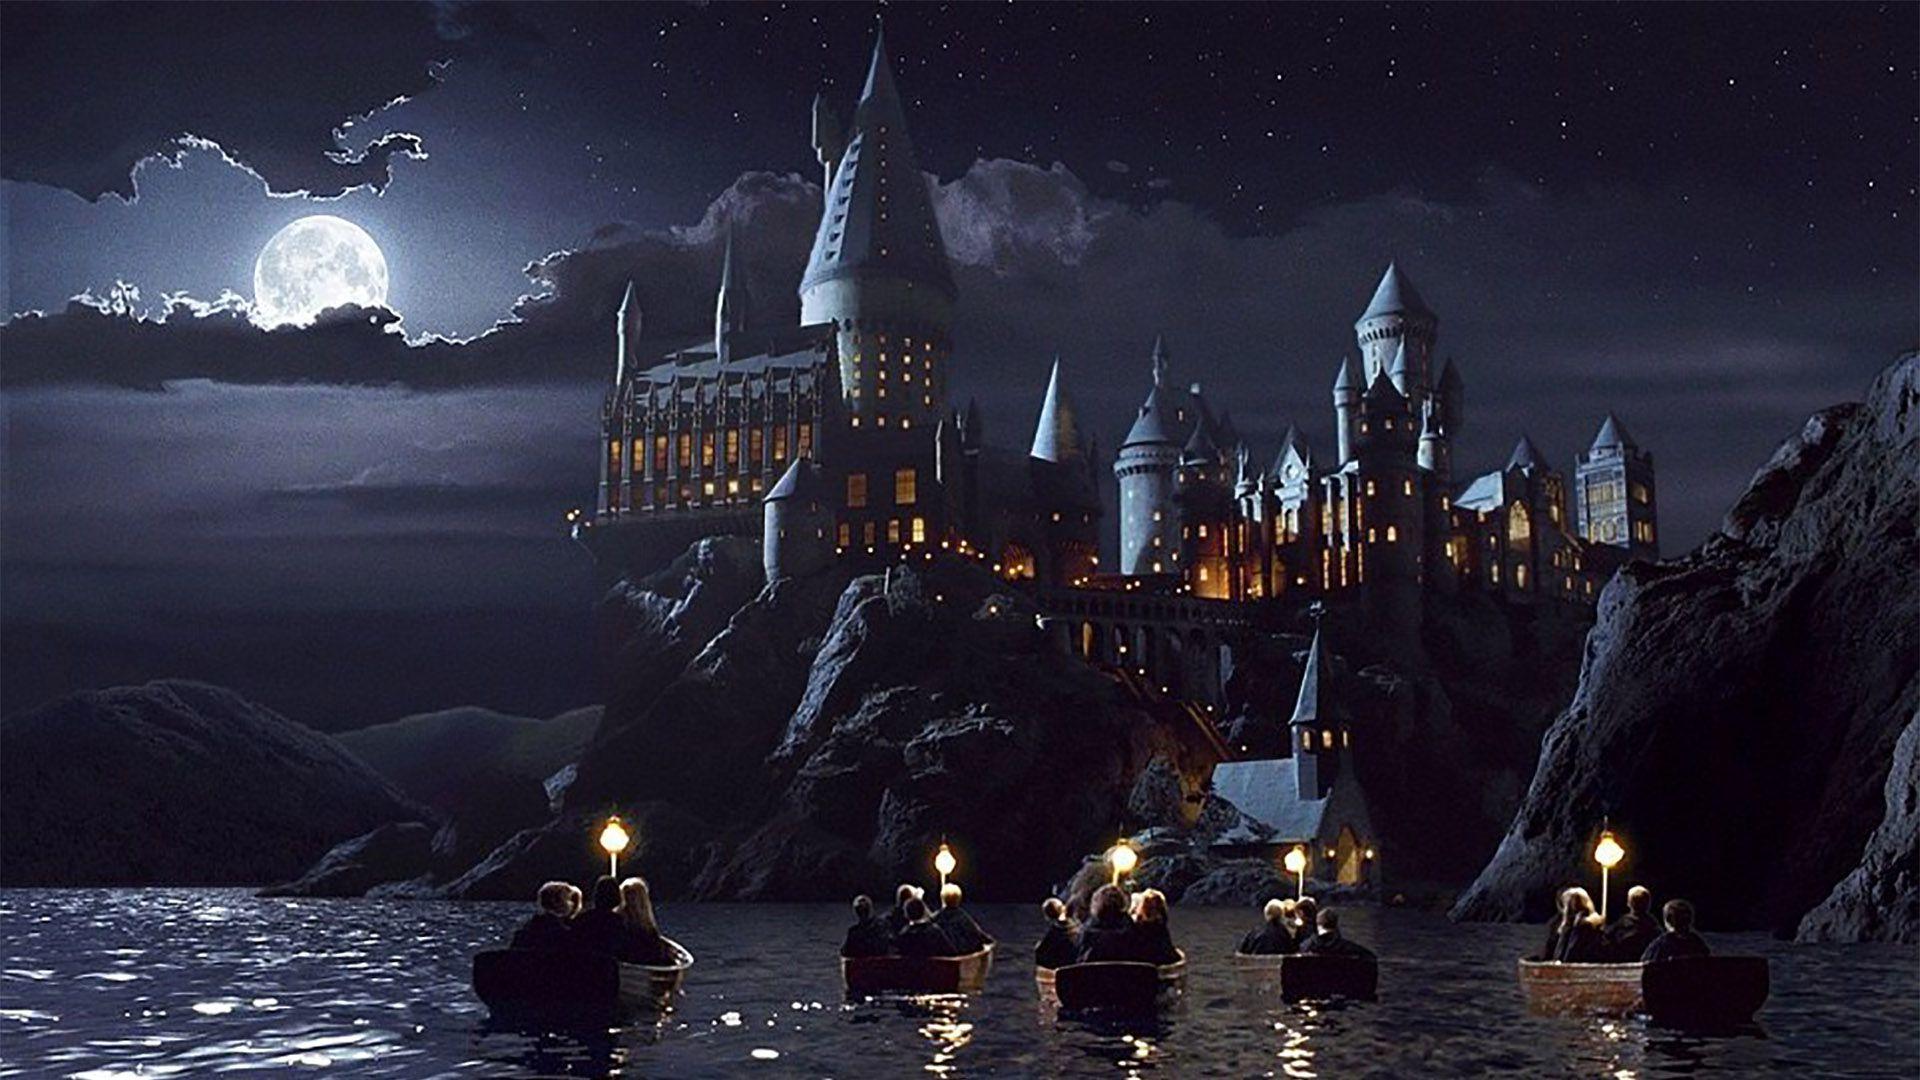 El colegio de Hogwarts de magia y hechicería